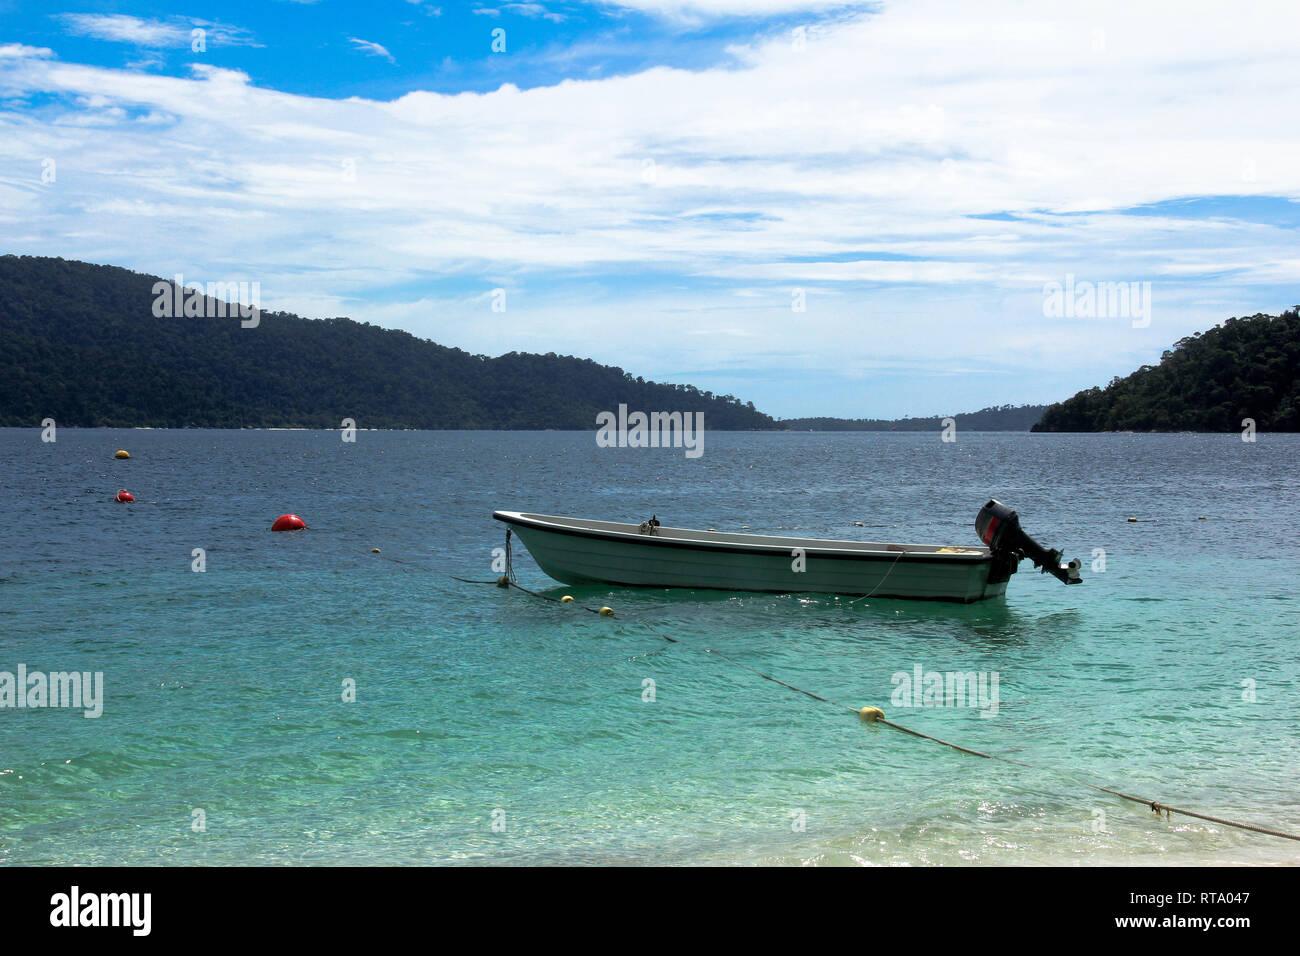 Un bateau à moteur s'amarrer à la plage de Lipe island (Koh Lipe) dans la mer d'Andaman, Satun, Thailande, avec fond de ciel bleu en été Photo Stock